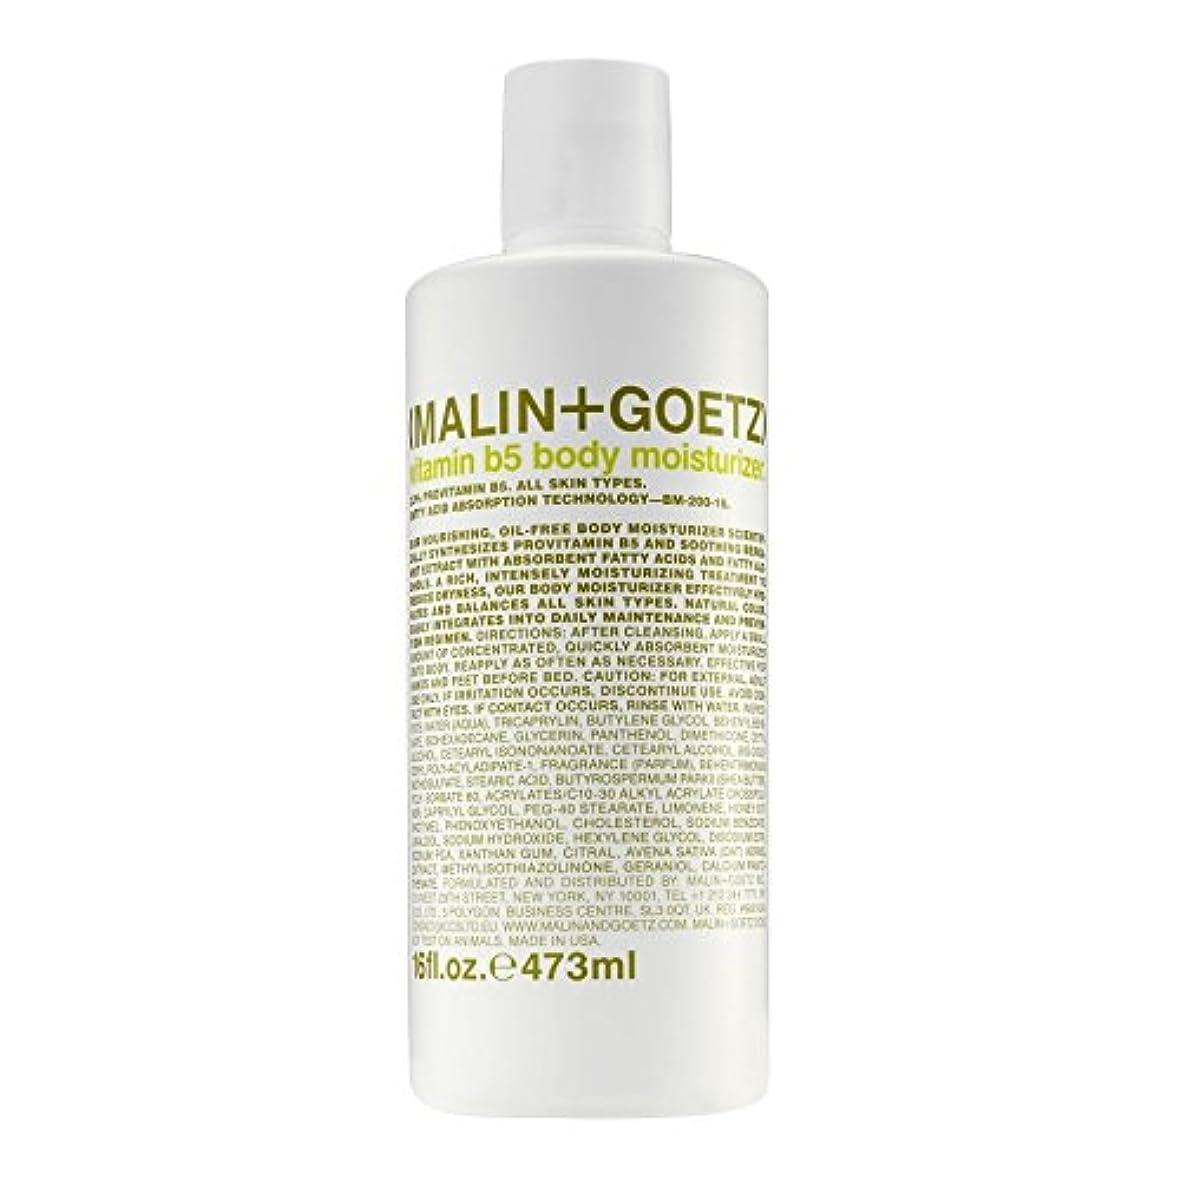 集中もっともらしい増幅するマリン+ゲッツビタミン5ボディモイスチャライザーの473ミリリットル x2 - MALIN+GOETZ Vitamin B5 Body Moisturiser 473ml (Pack of 2) [並行輸入品]